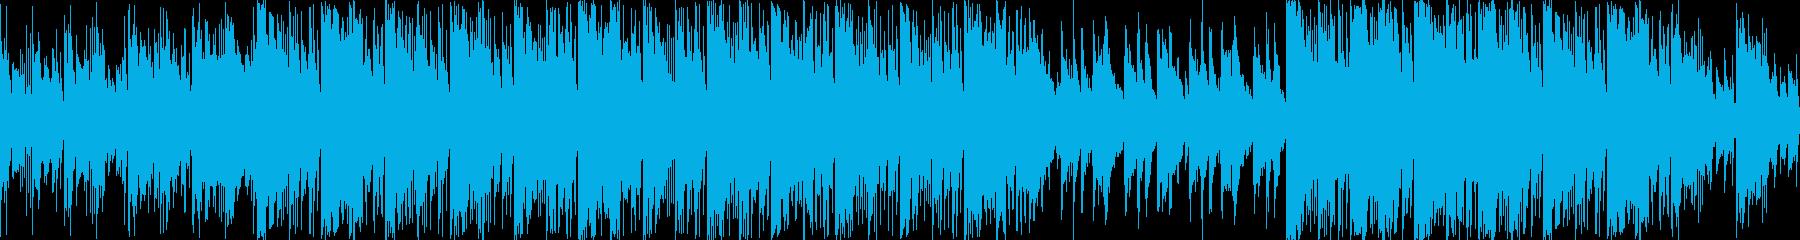 ワイルドで渋い和風エピックBGM ループの再生済みの波形